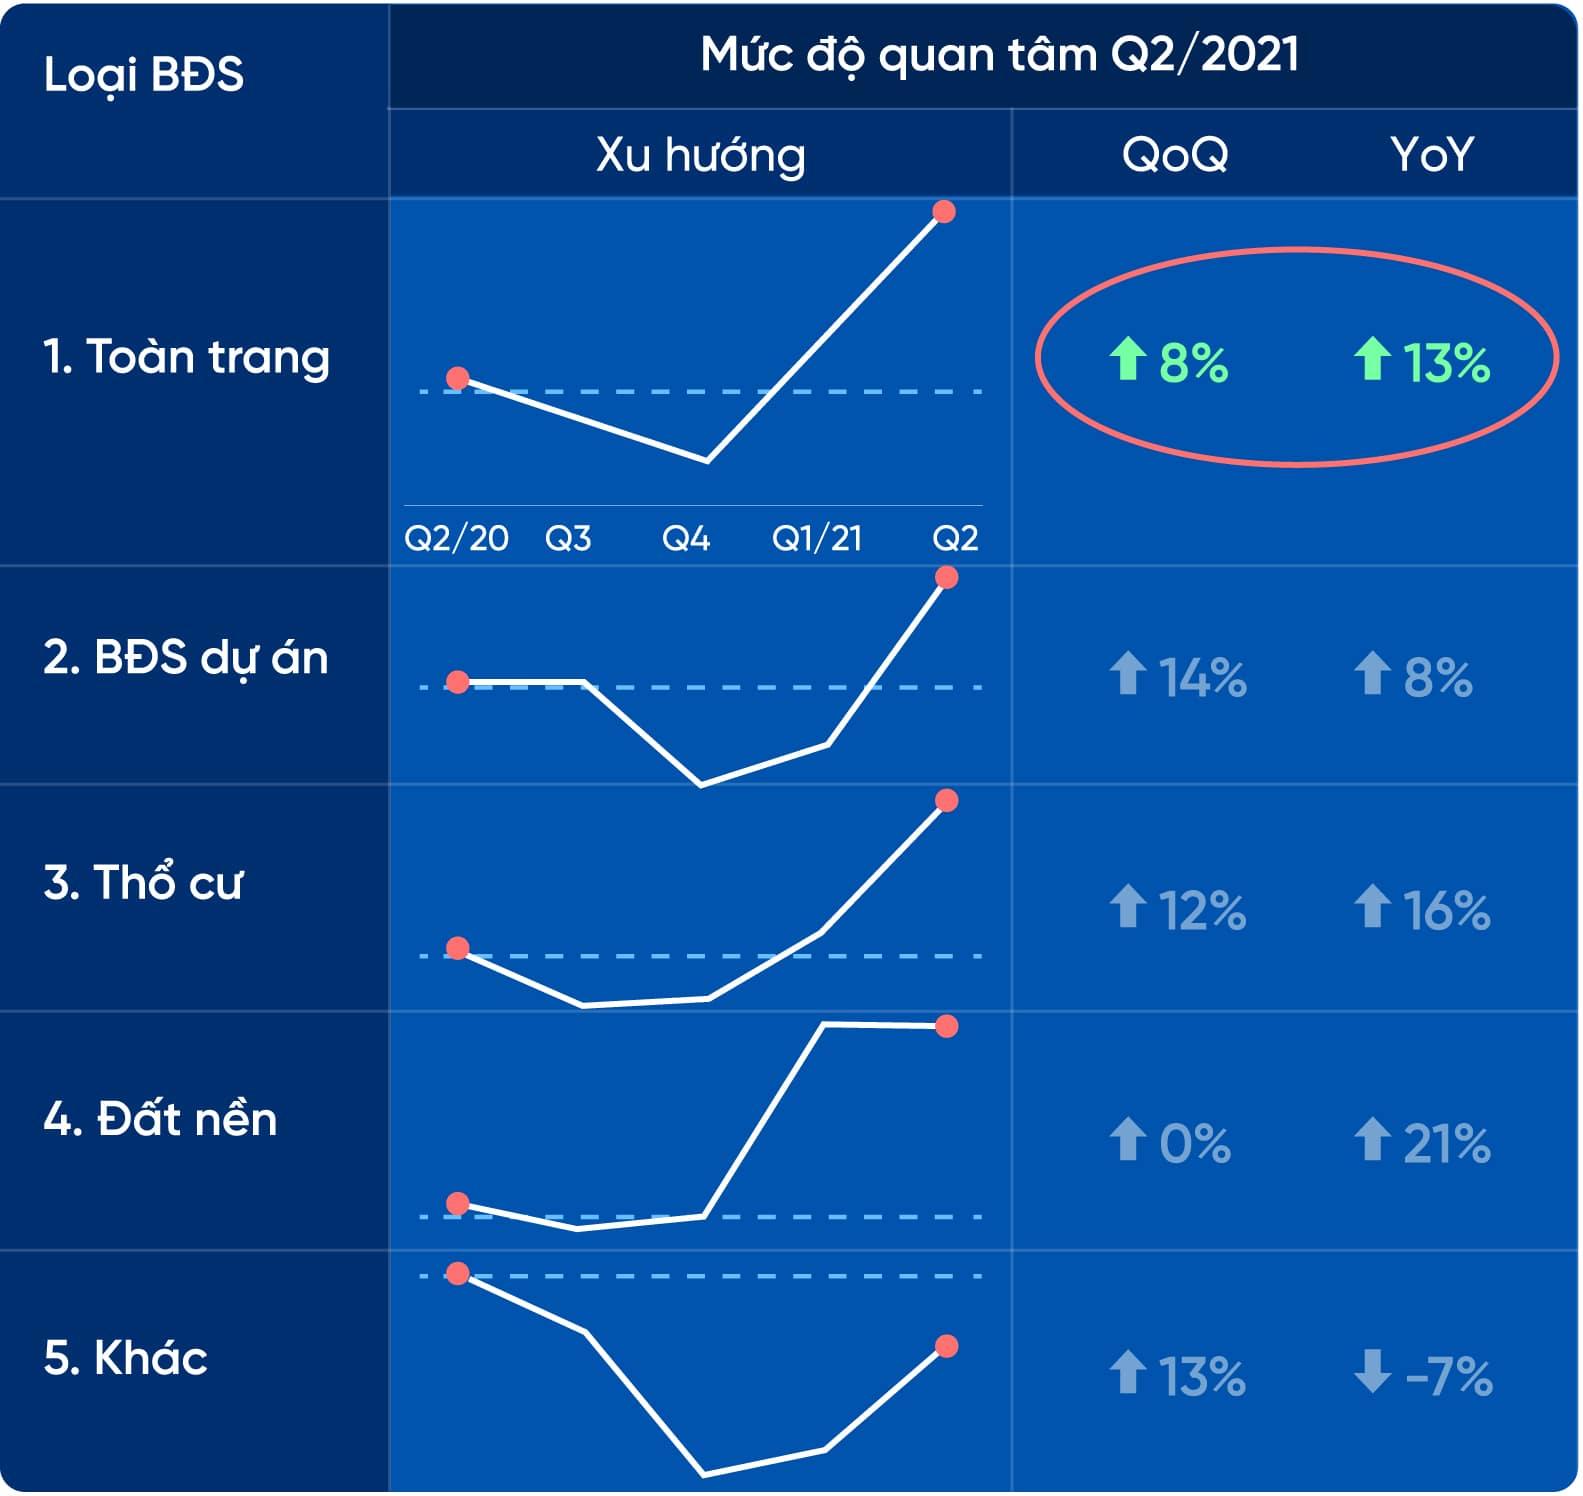 Mức độ quan tâm bất động sản quý 2/2021